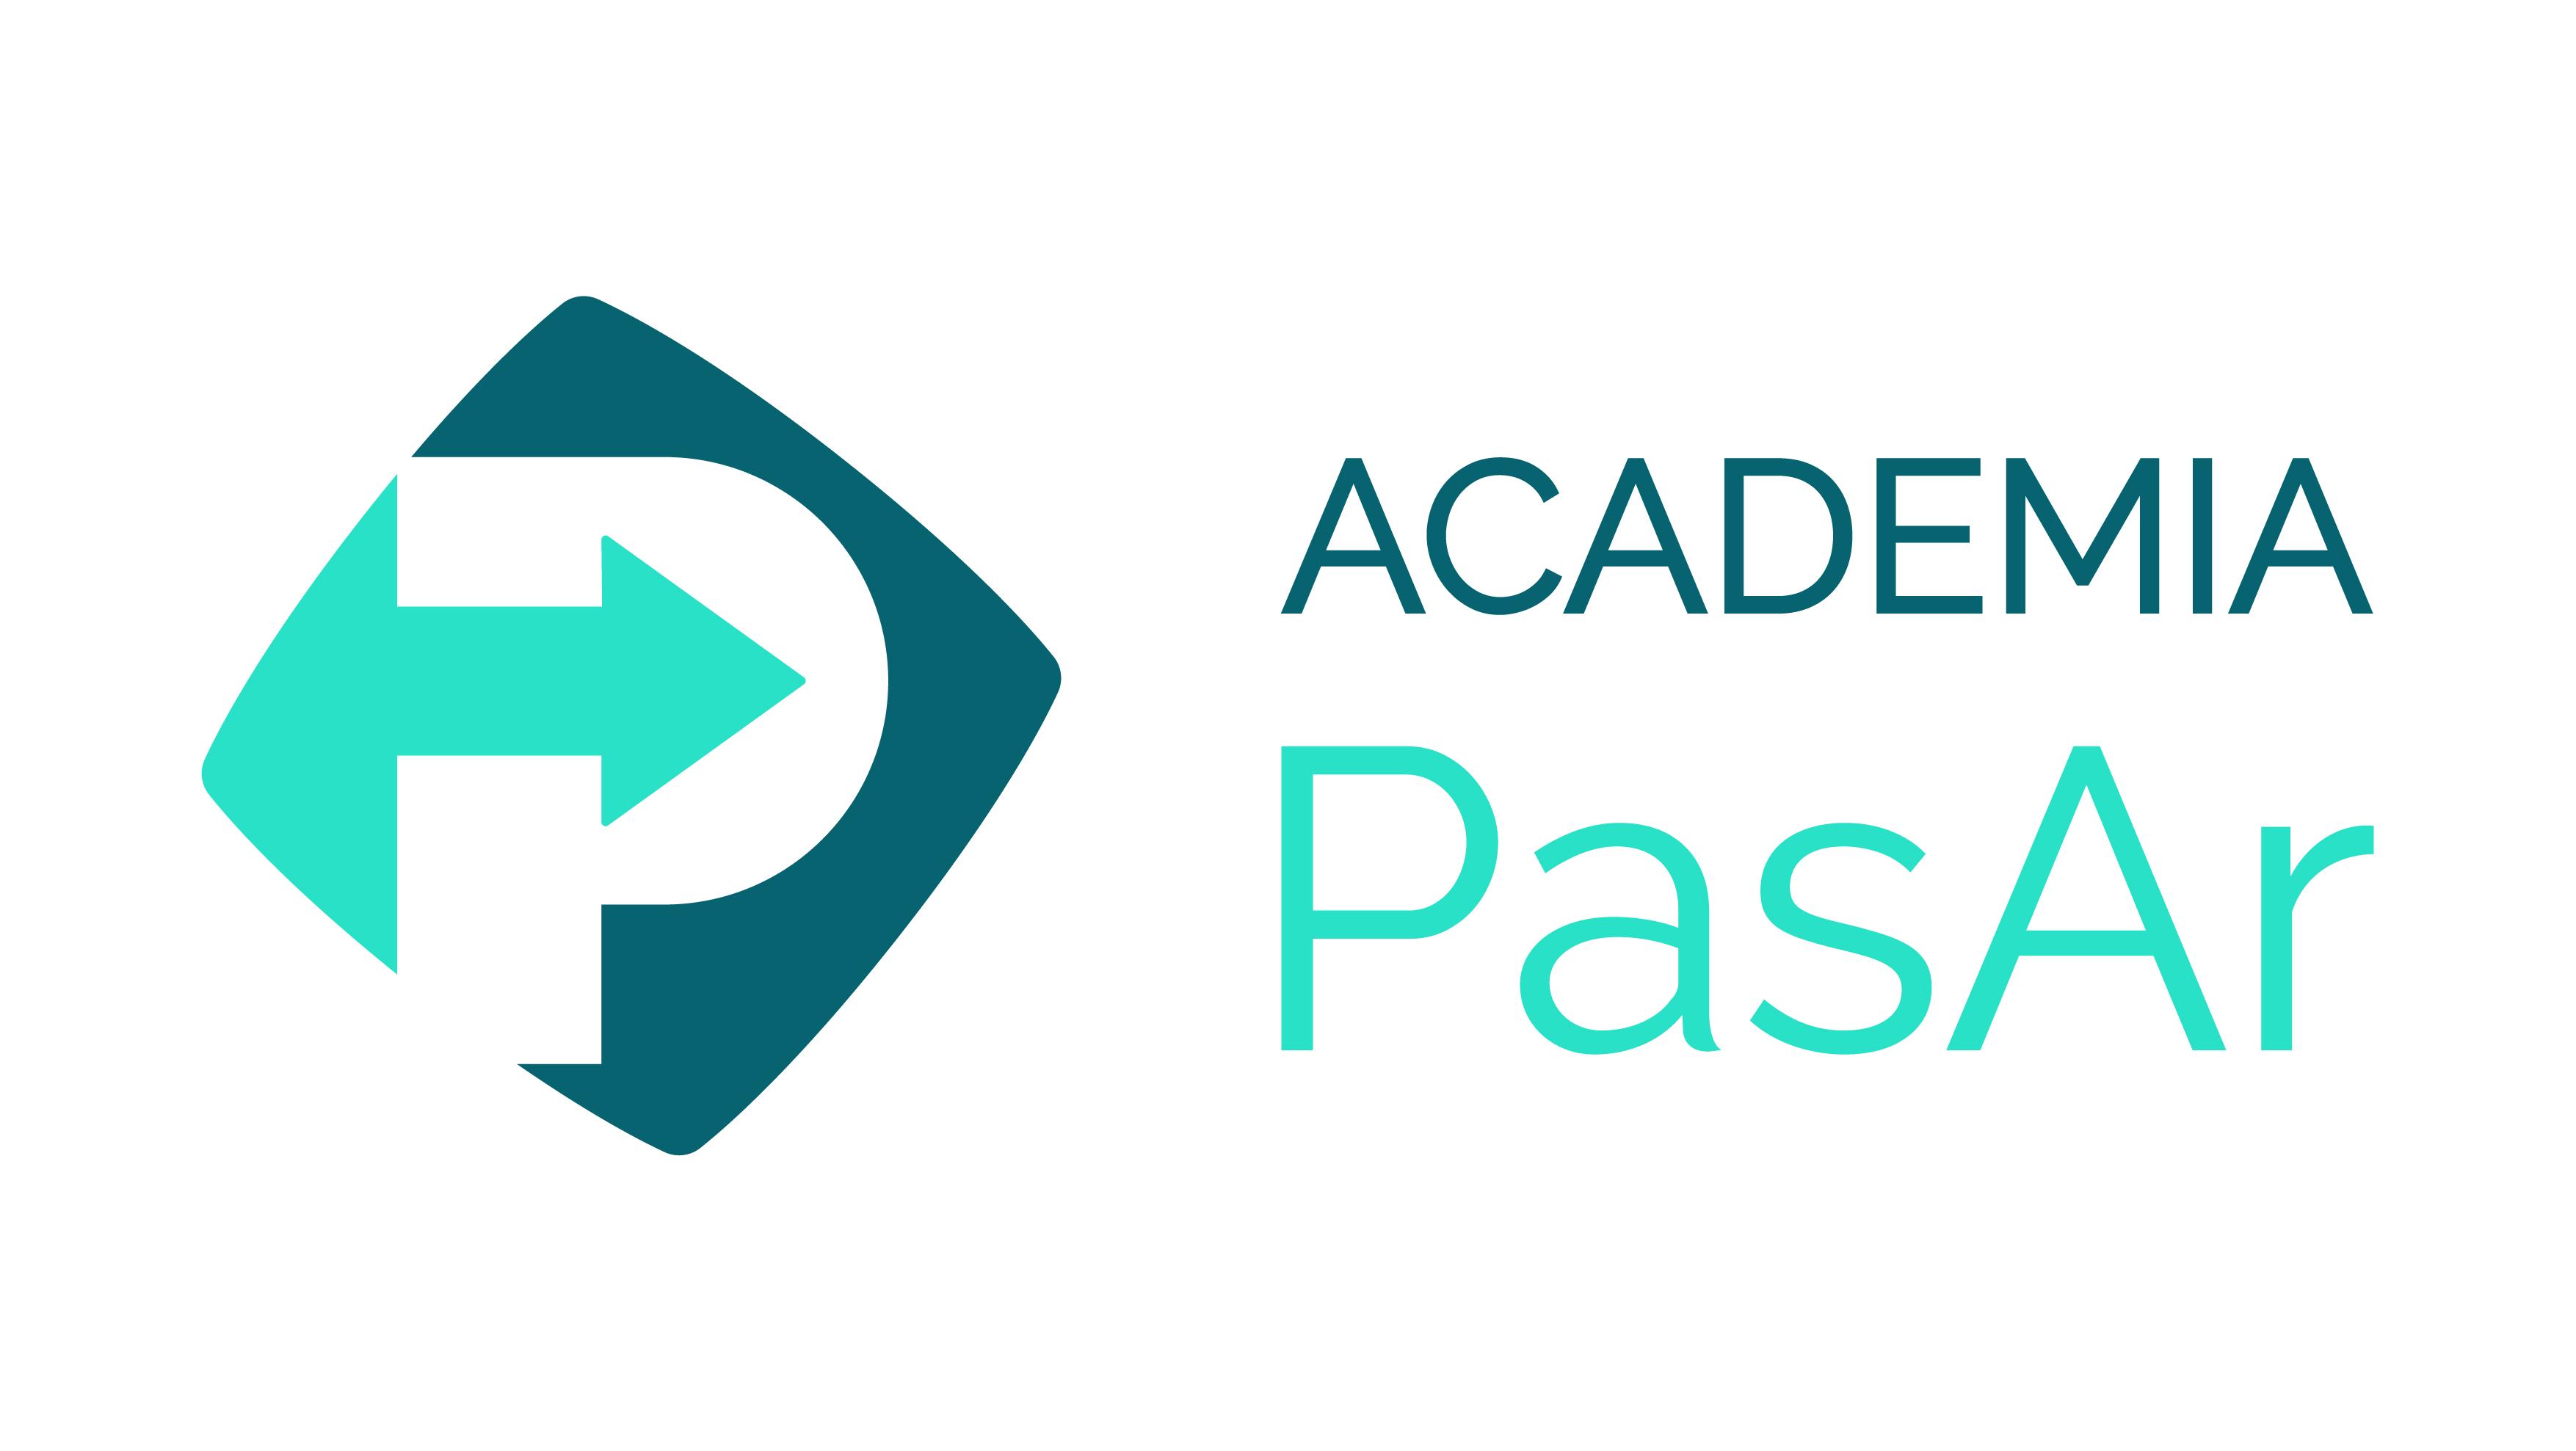 Academia Pasar